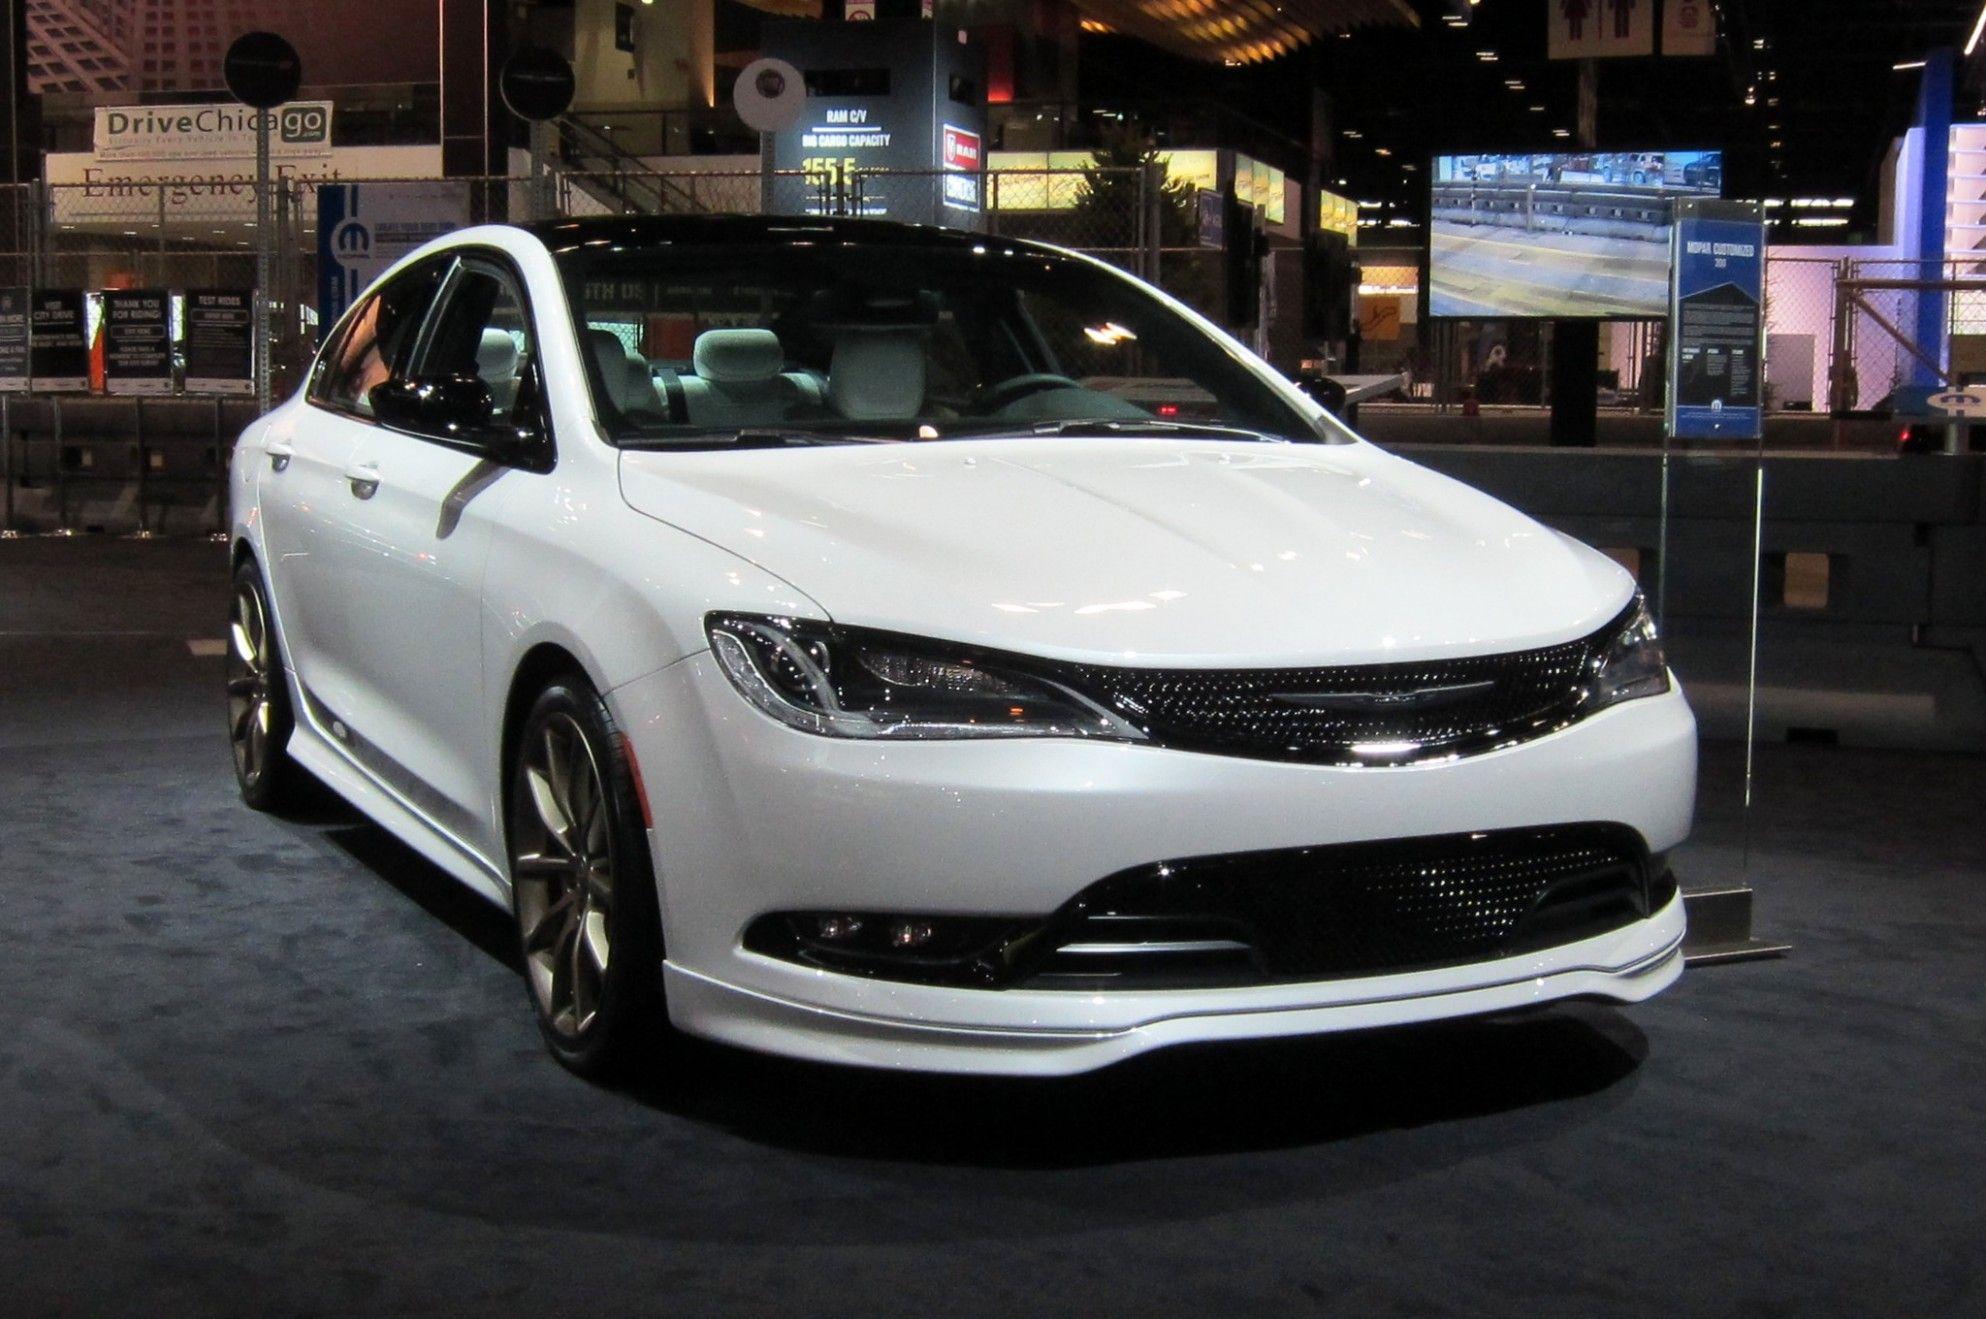 2021 Chrysler 200 Convertible New Concept